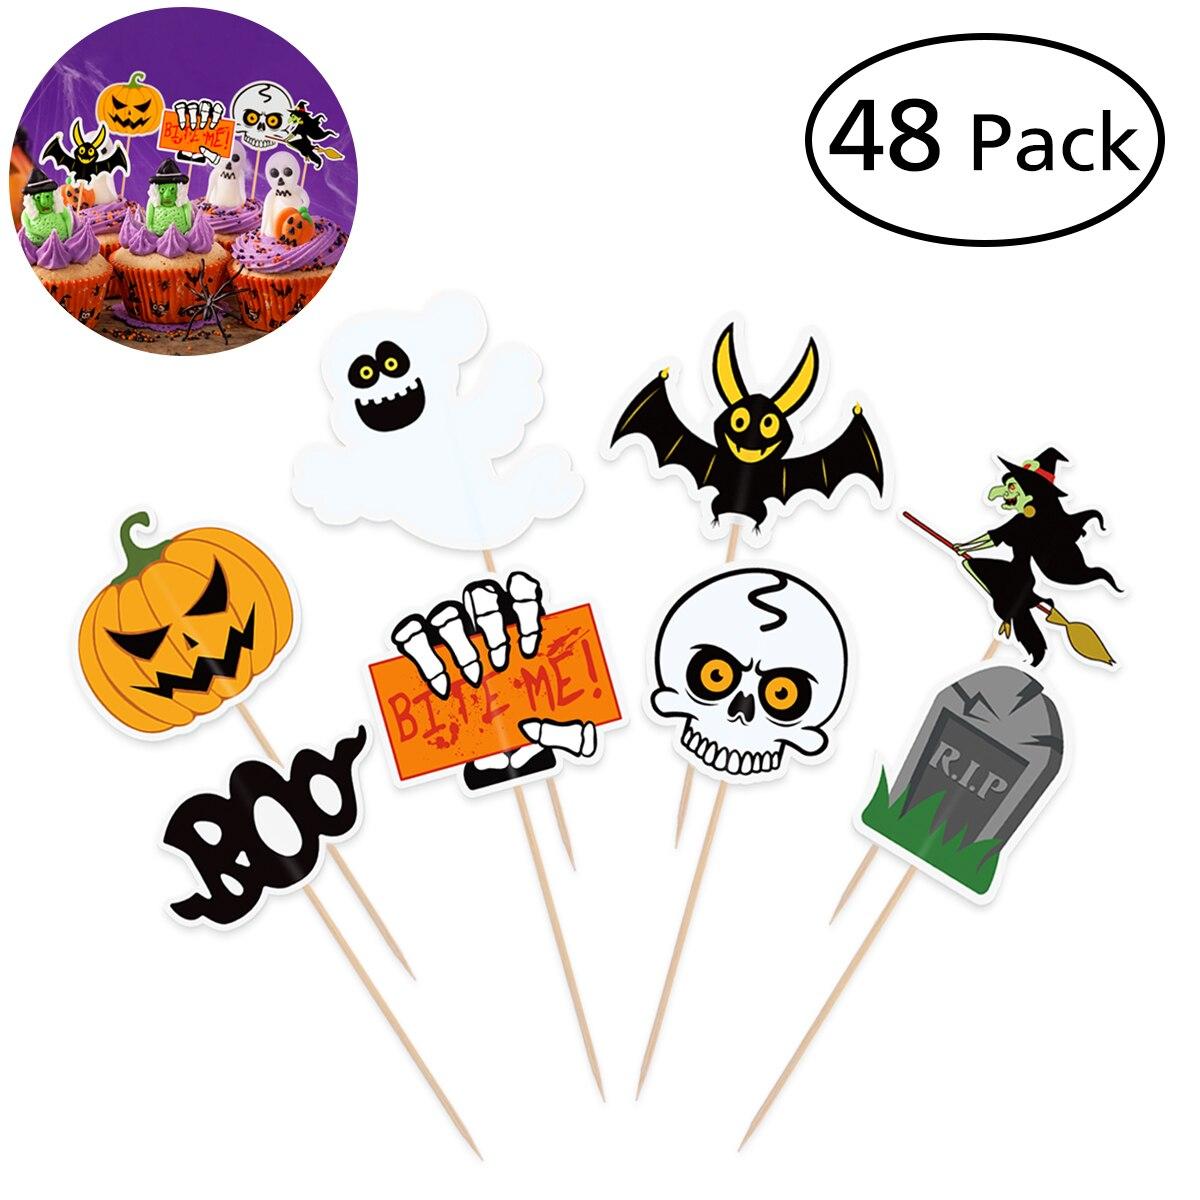 48 Uds Halloween calavera bruja calabaza postre Topper divertido tema palillo de dientes de bambú para decoración de fiesta Halloween